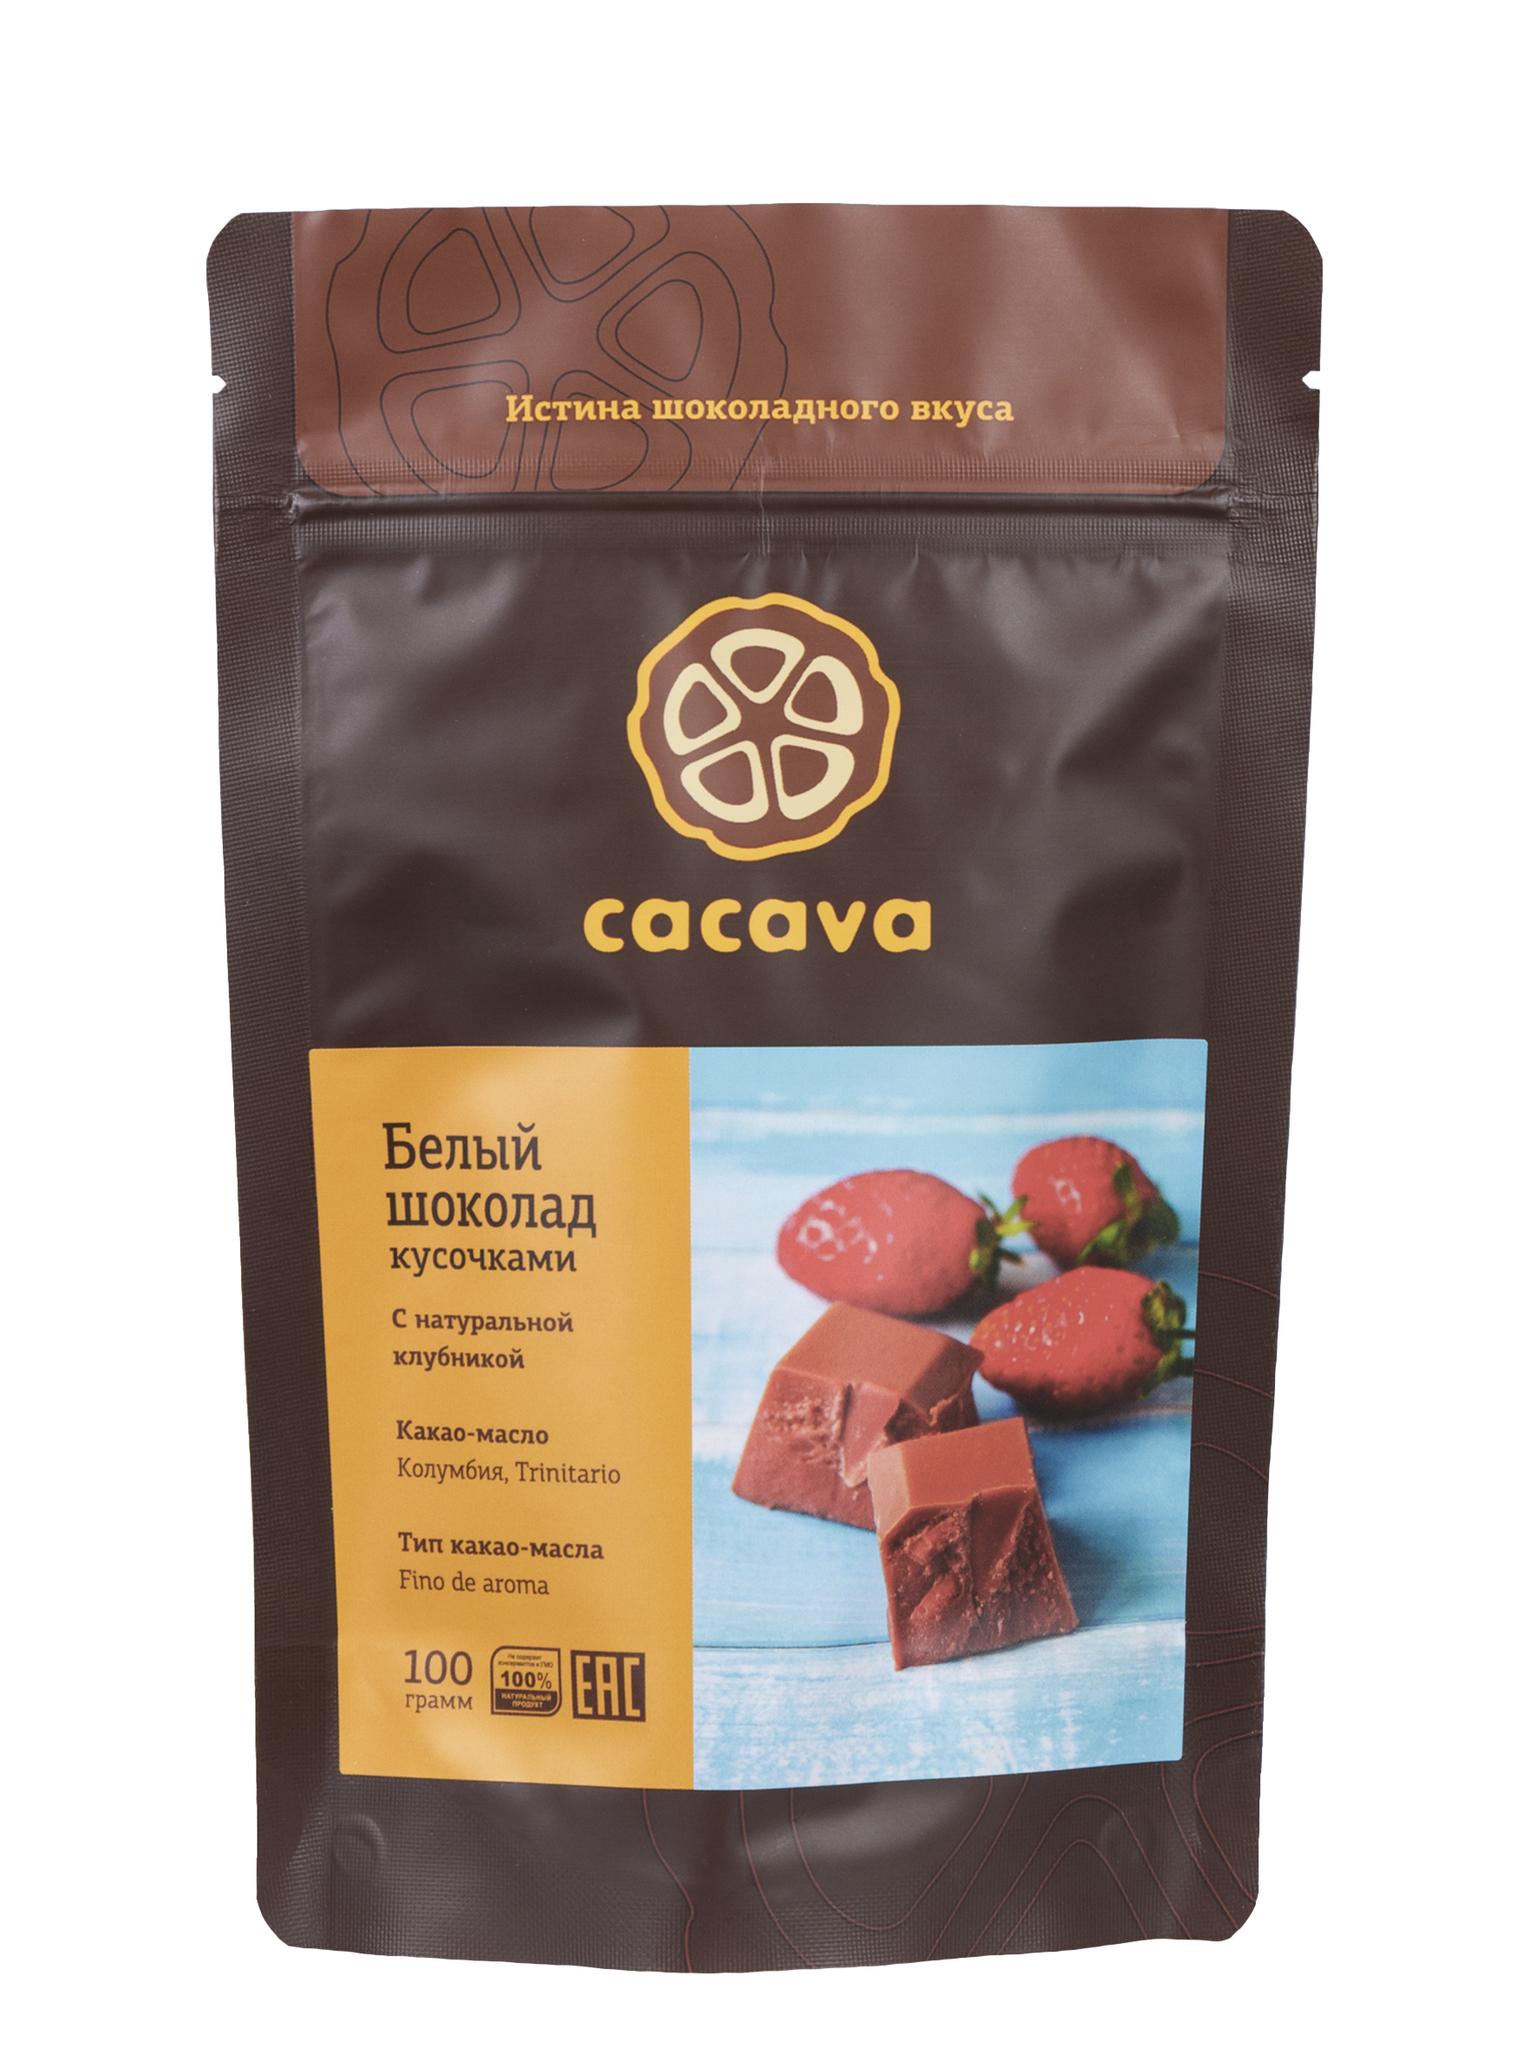 Белый шоколад с клубникой, упаковка 100 грамм